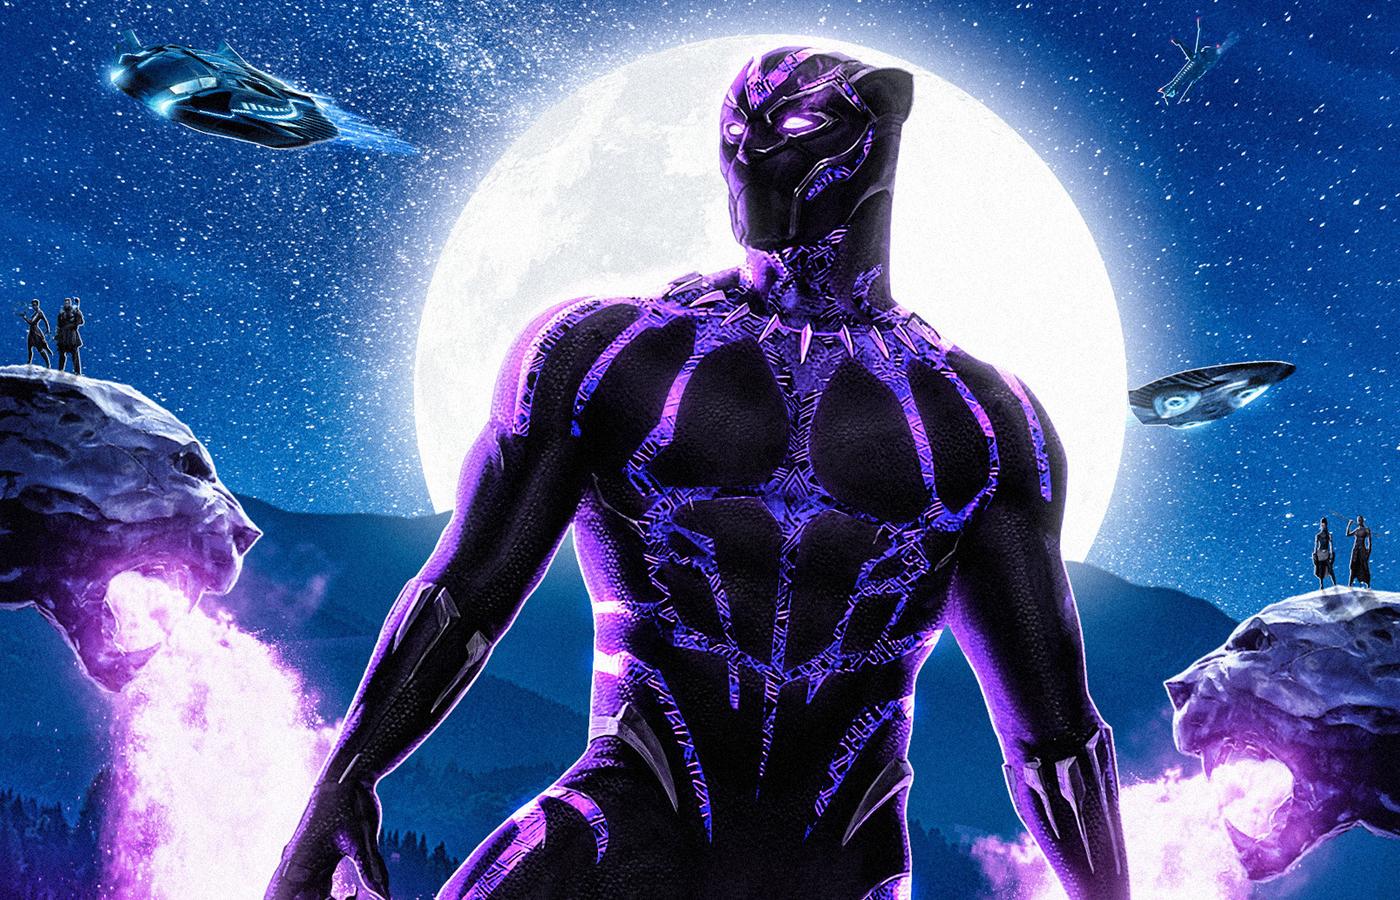 black-panther-movie-2018-artwork-94.jpg